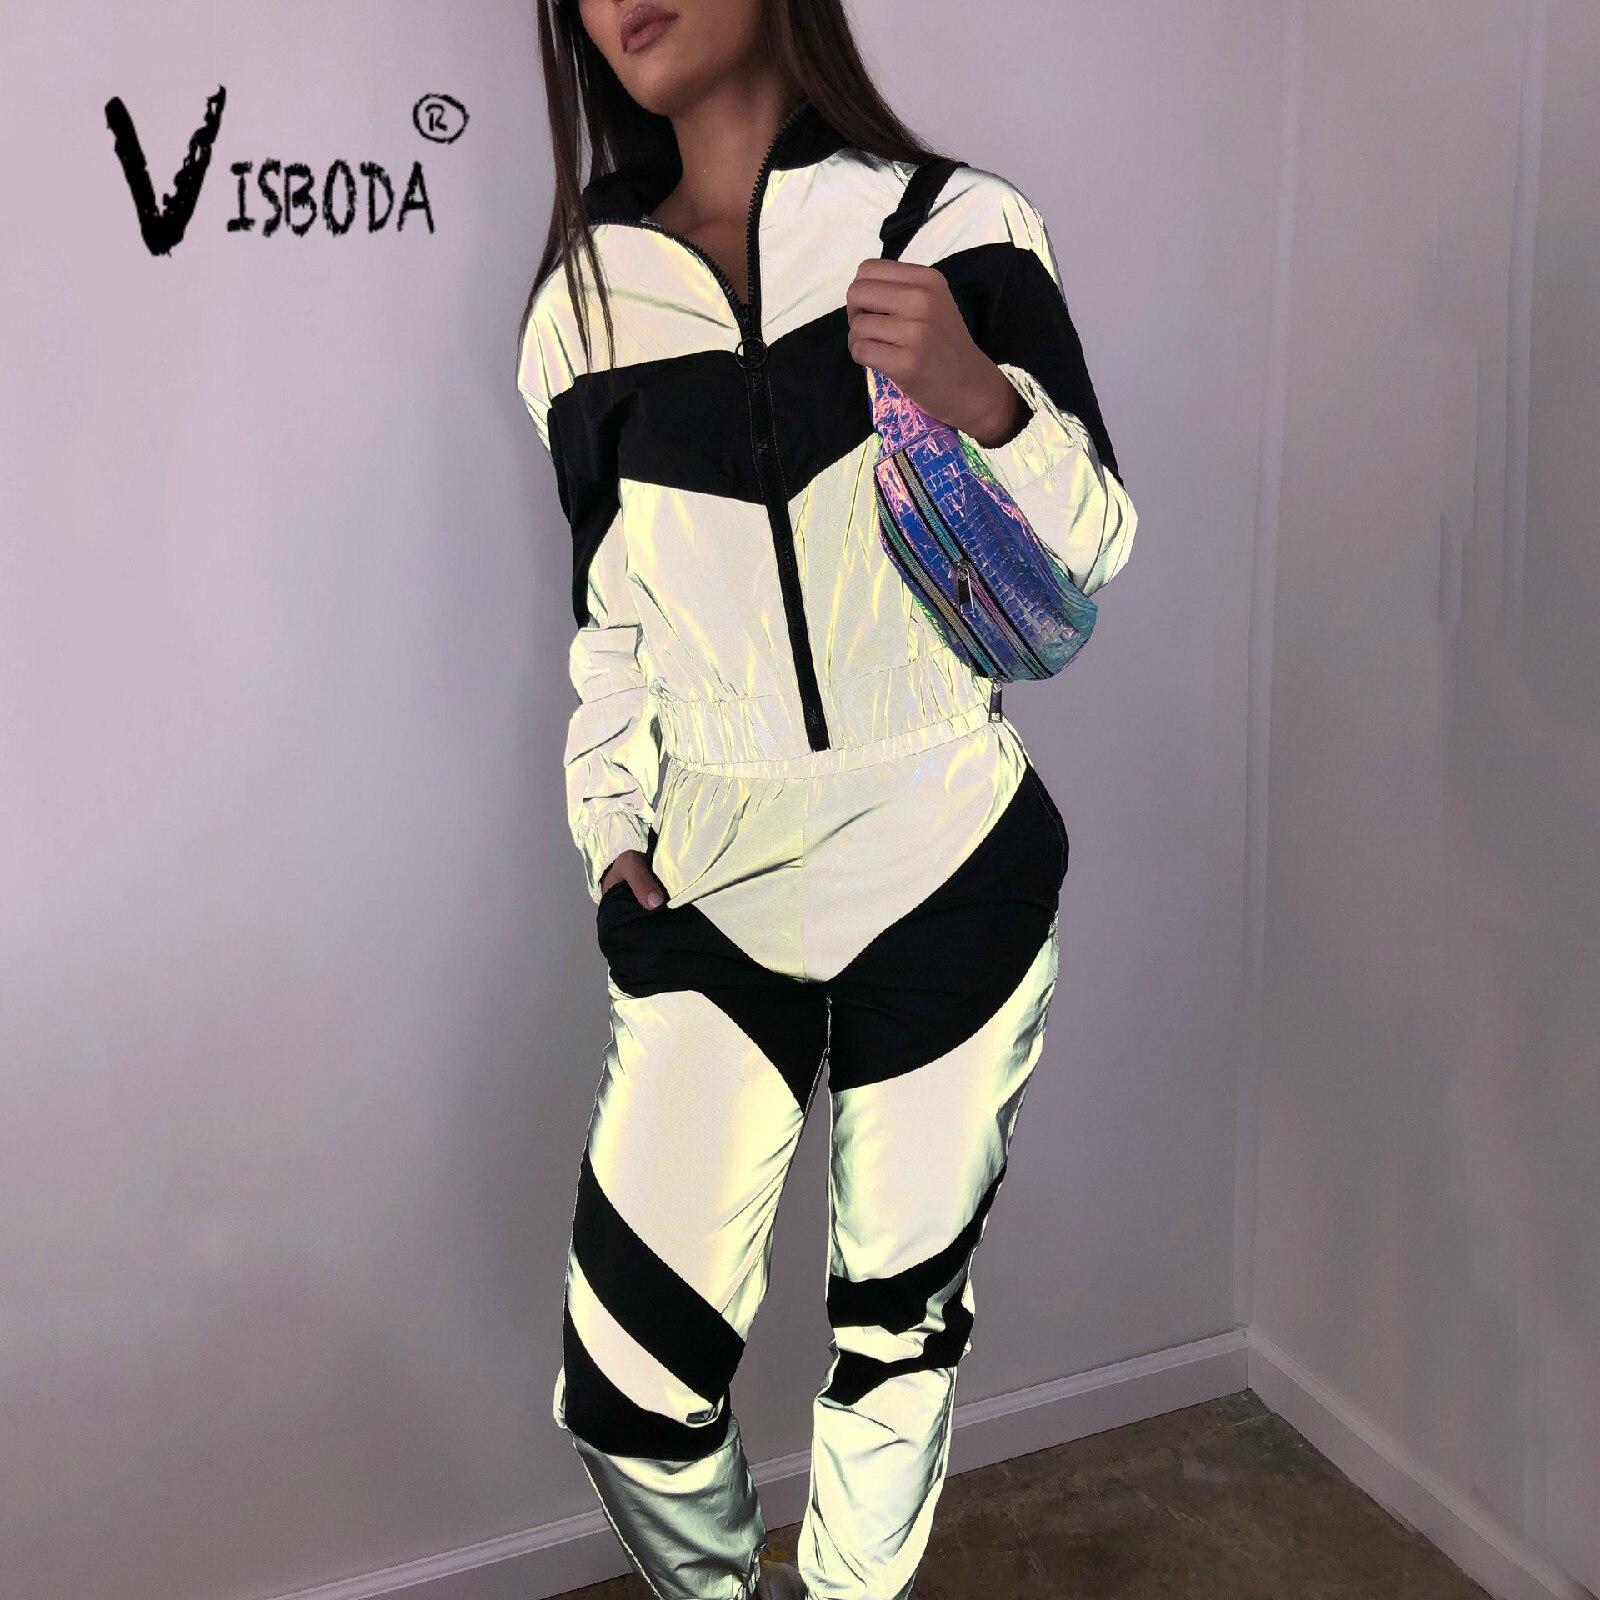 women-tracksuits-2-piece-set-reflective-zipper-crop-top-pants-fashion-female-female-loose-shine-jacket-coat-trouser-plus-size